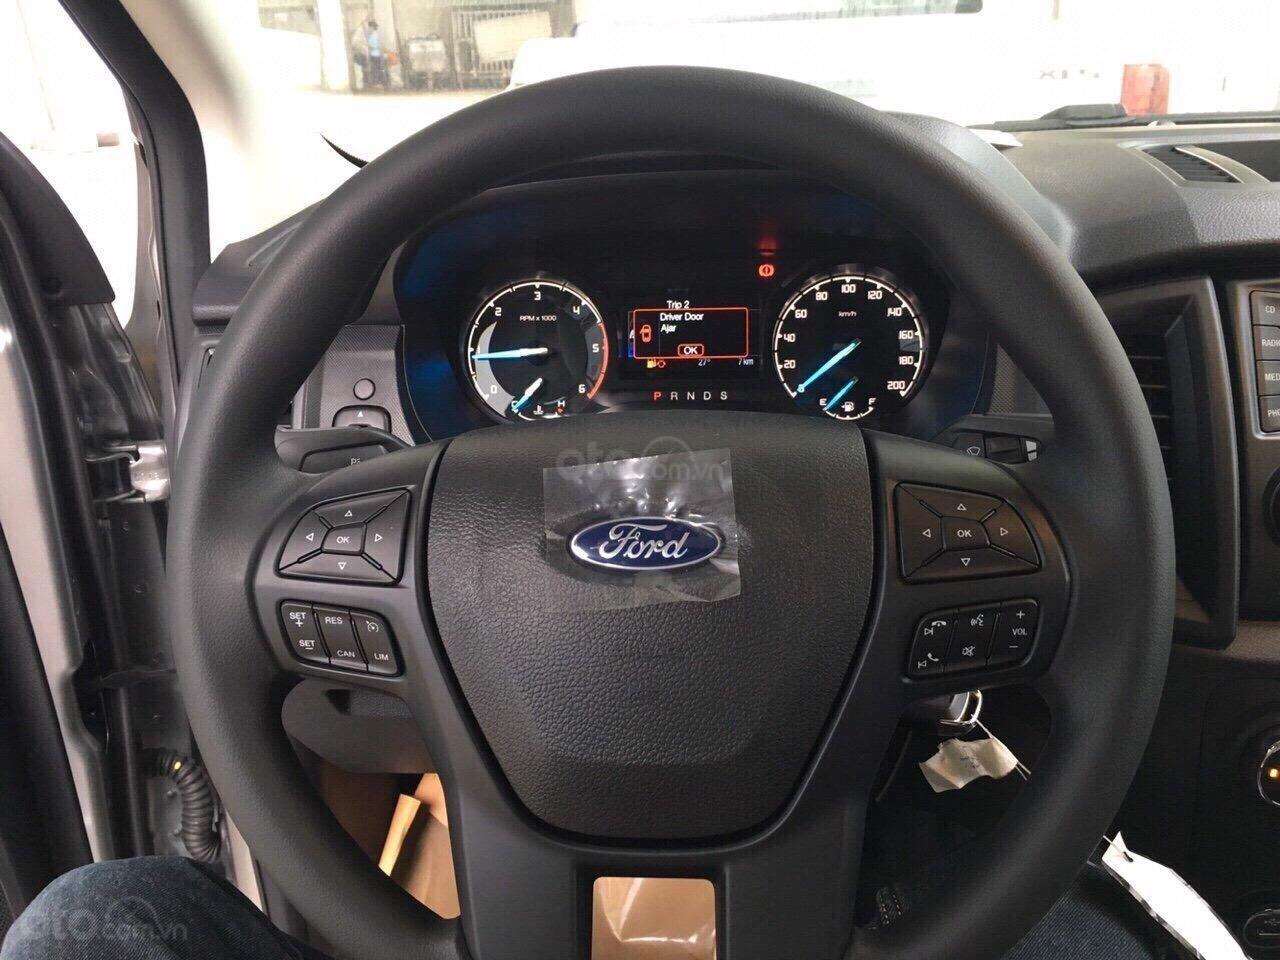 Bán Ford Ranger XLS AT 1 cầu, số tự động xe mới, nhập nguyên chiếc Thái Lan, bao giá toàn quốc LH 0965423558 (5)